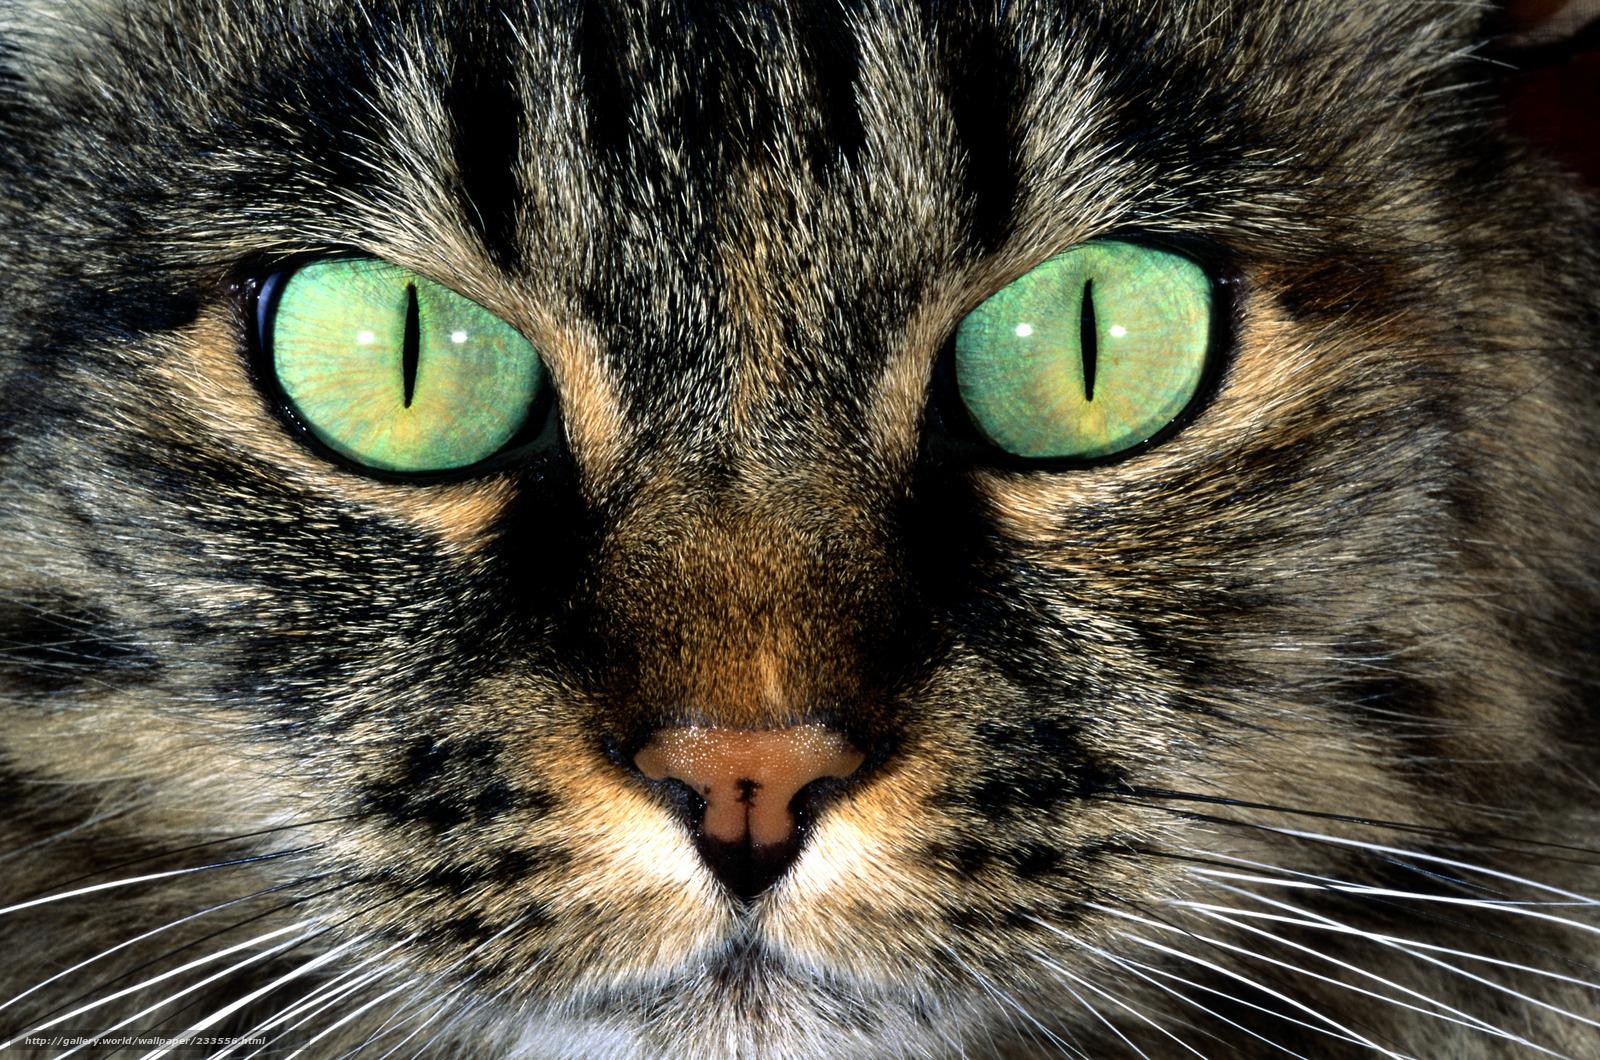 下载壁纸 猫, 猫, 吻部, 眼睛 免费为您的桌面分辨率的壁纸 4193x2778